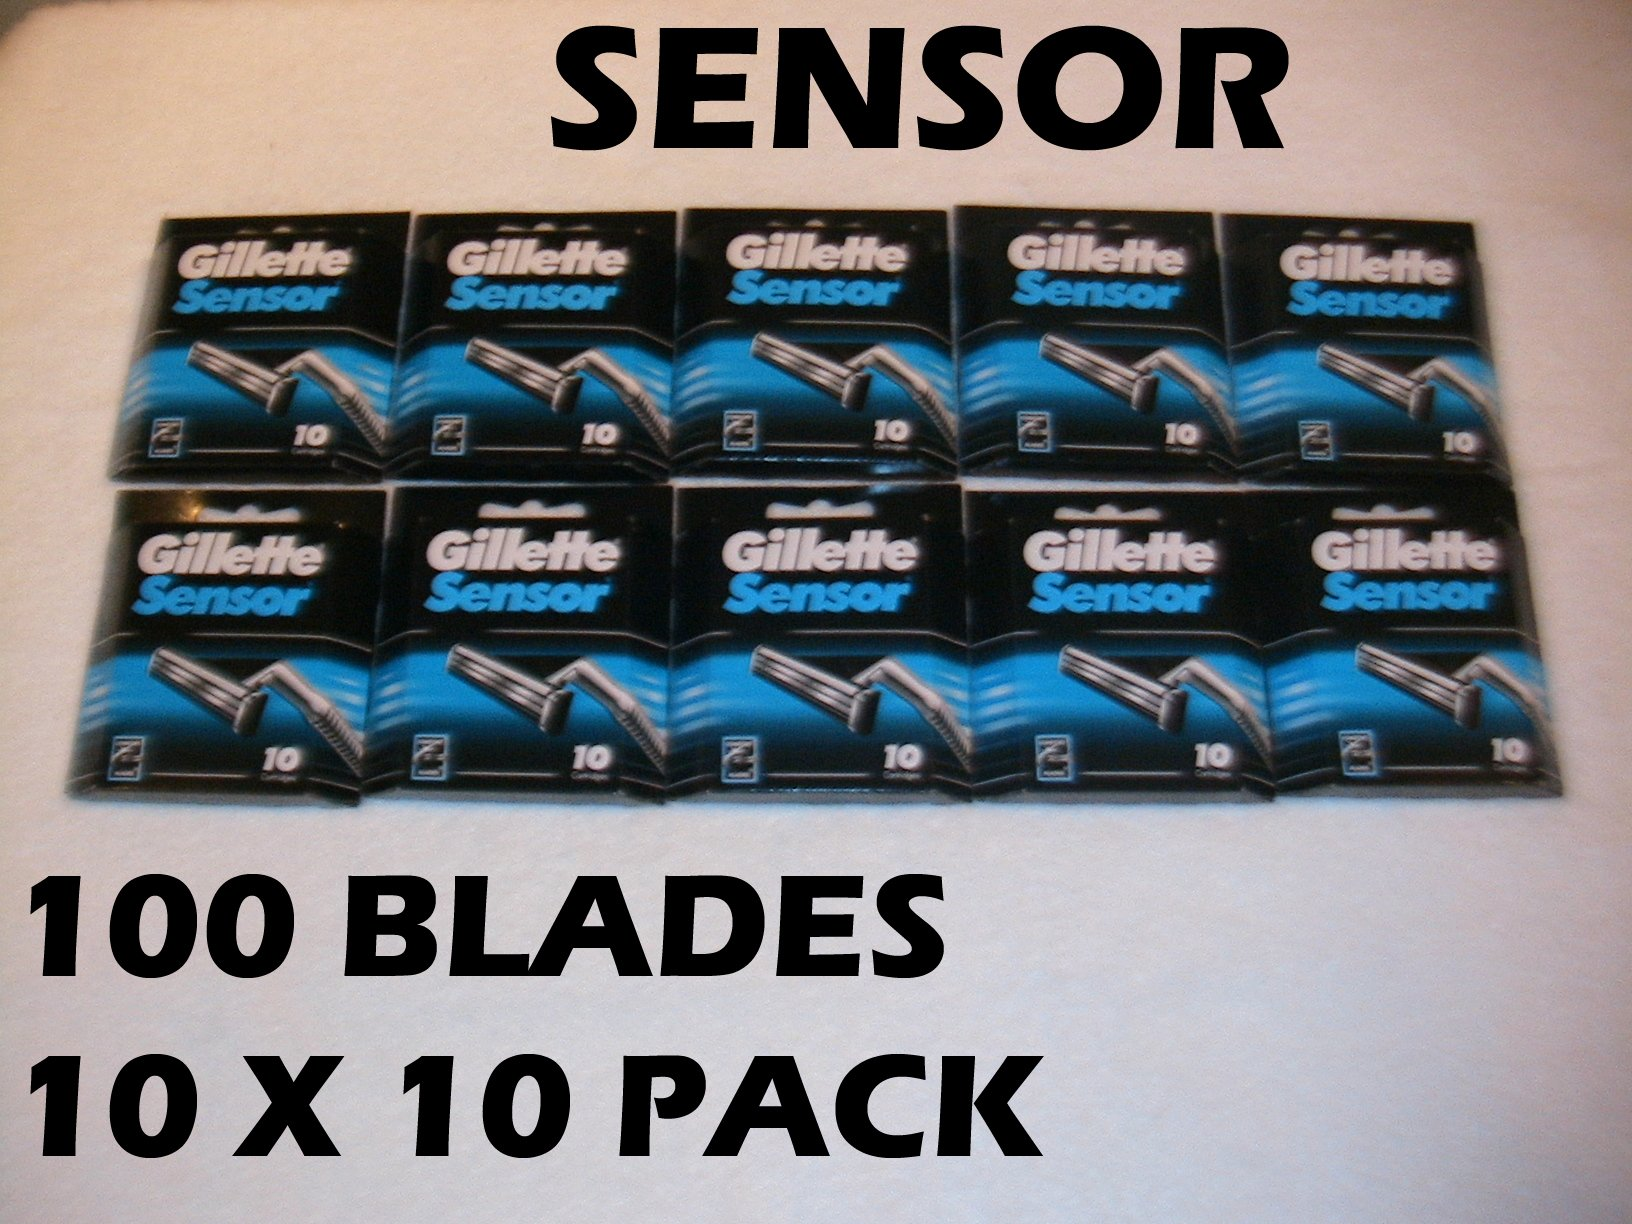 Gillette Sensor - 100 Blades (10 x 10 or 20 x 5 Packs)